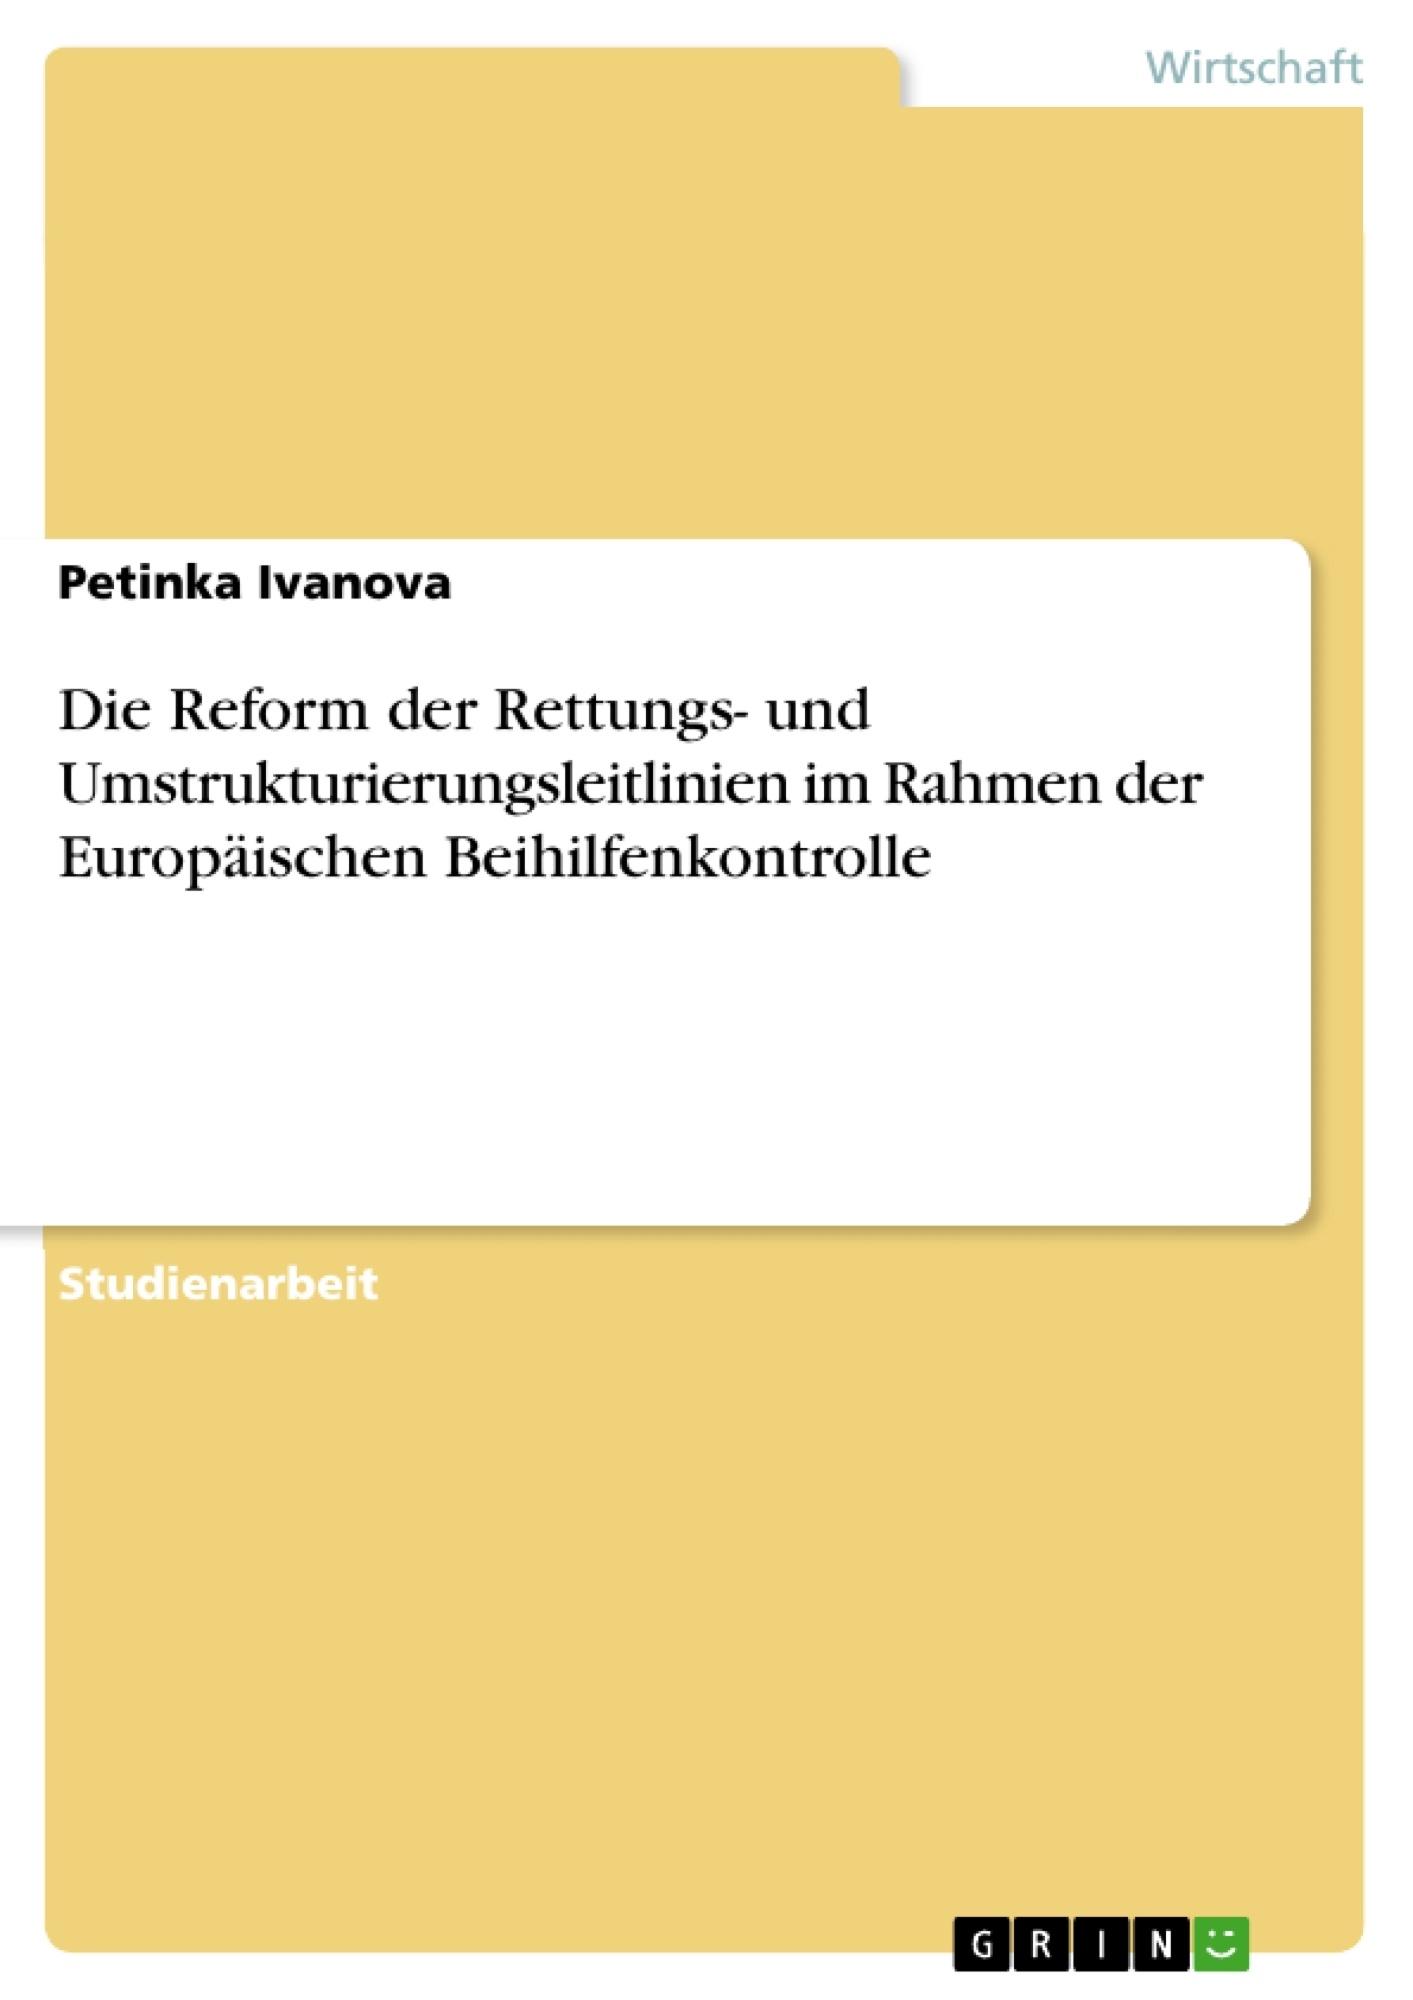 Titel: Die Reform der Rettungs- und Umstrukturierungsleitlinien im Rahmen der Europäischen Beihilfenkontrolle